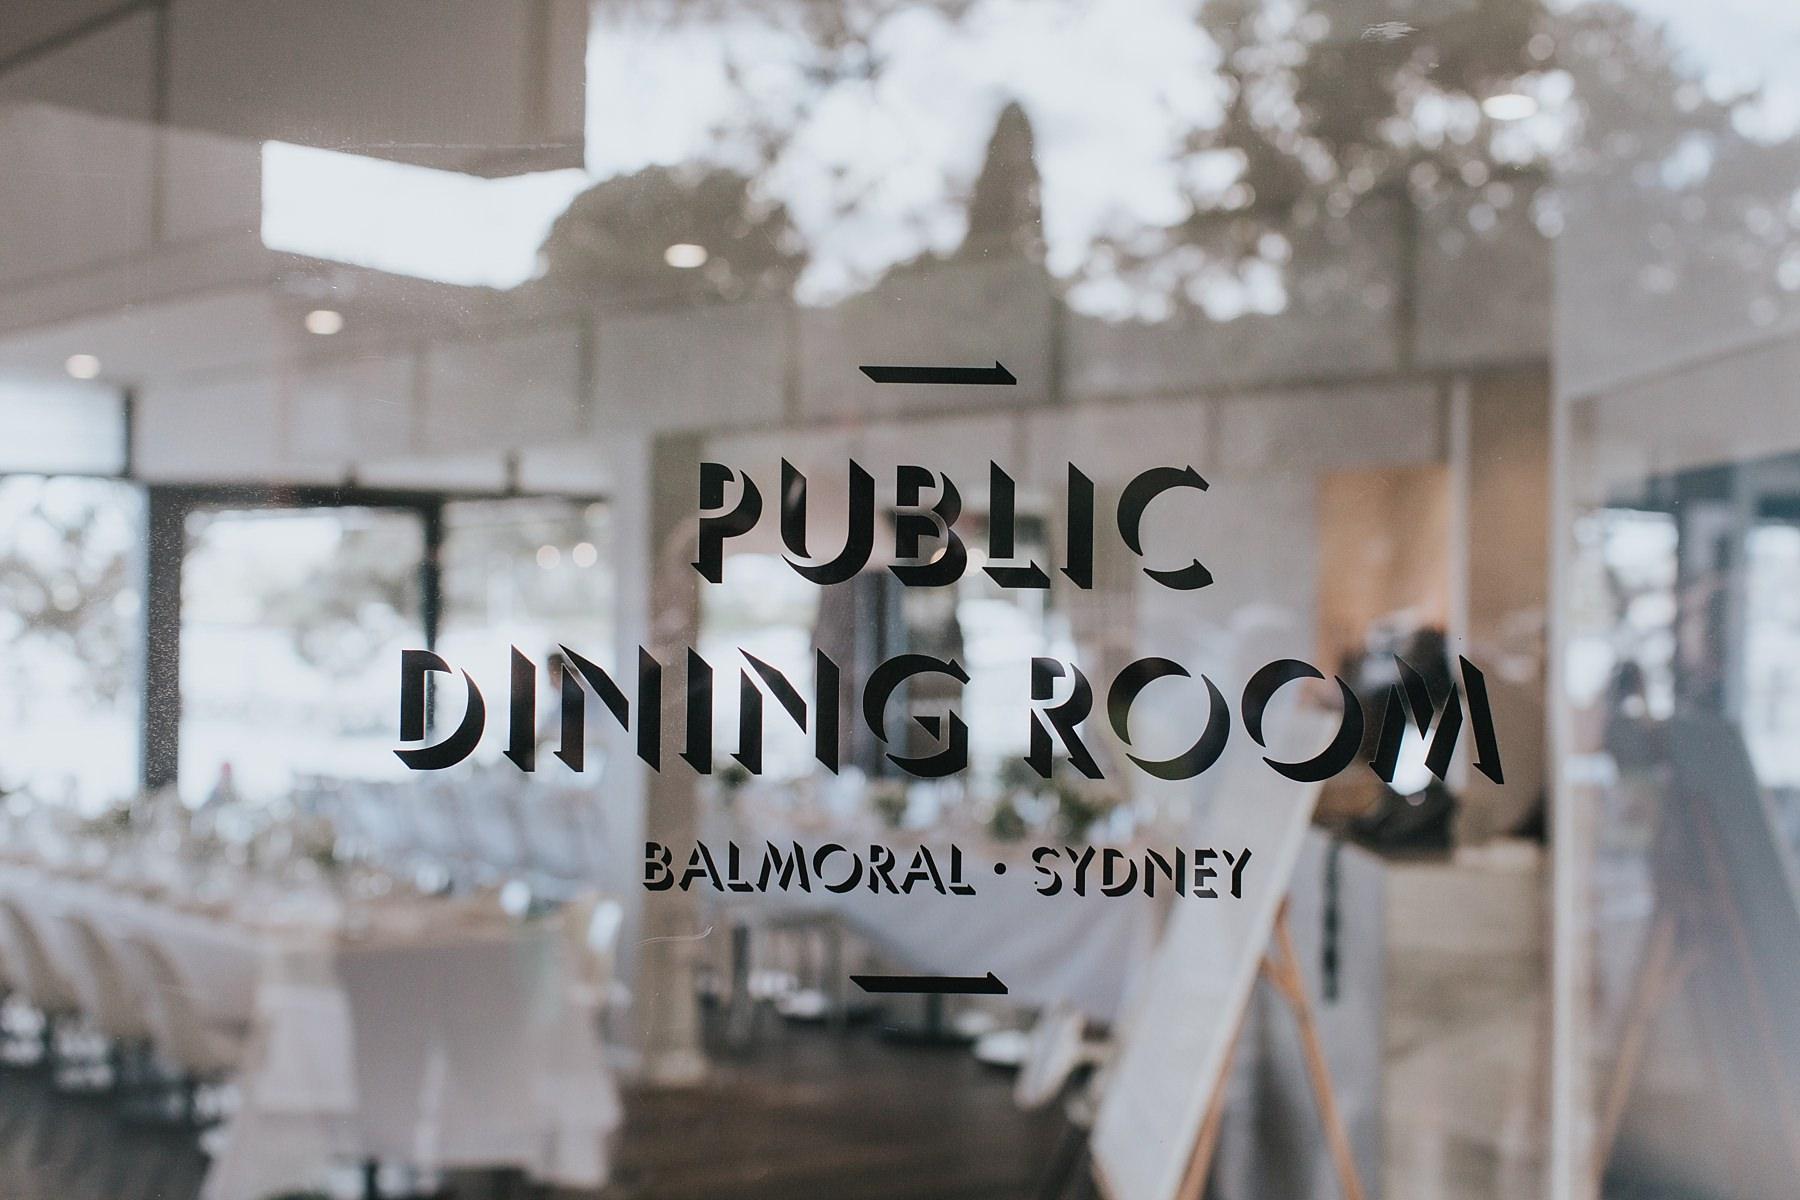 Balmoral public